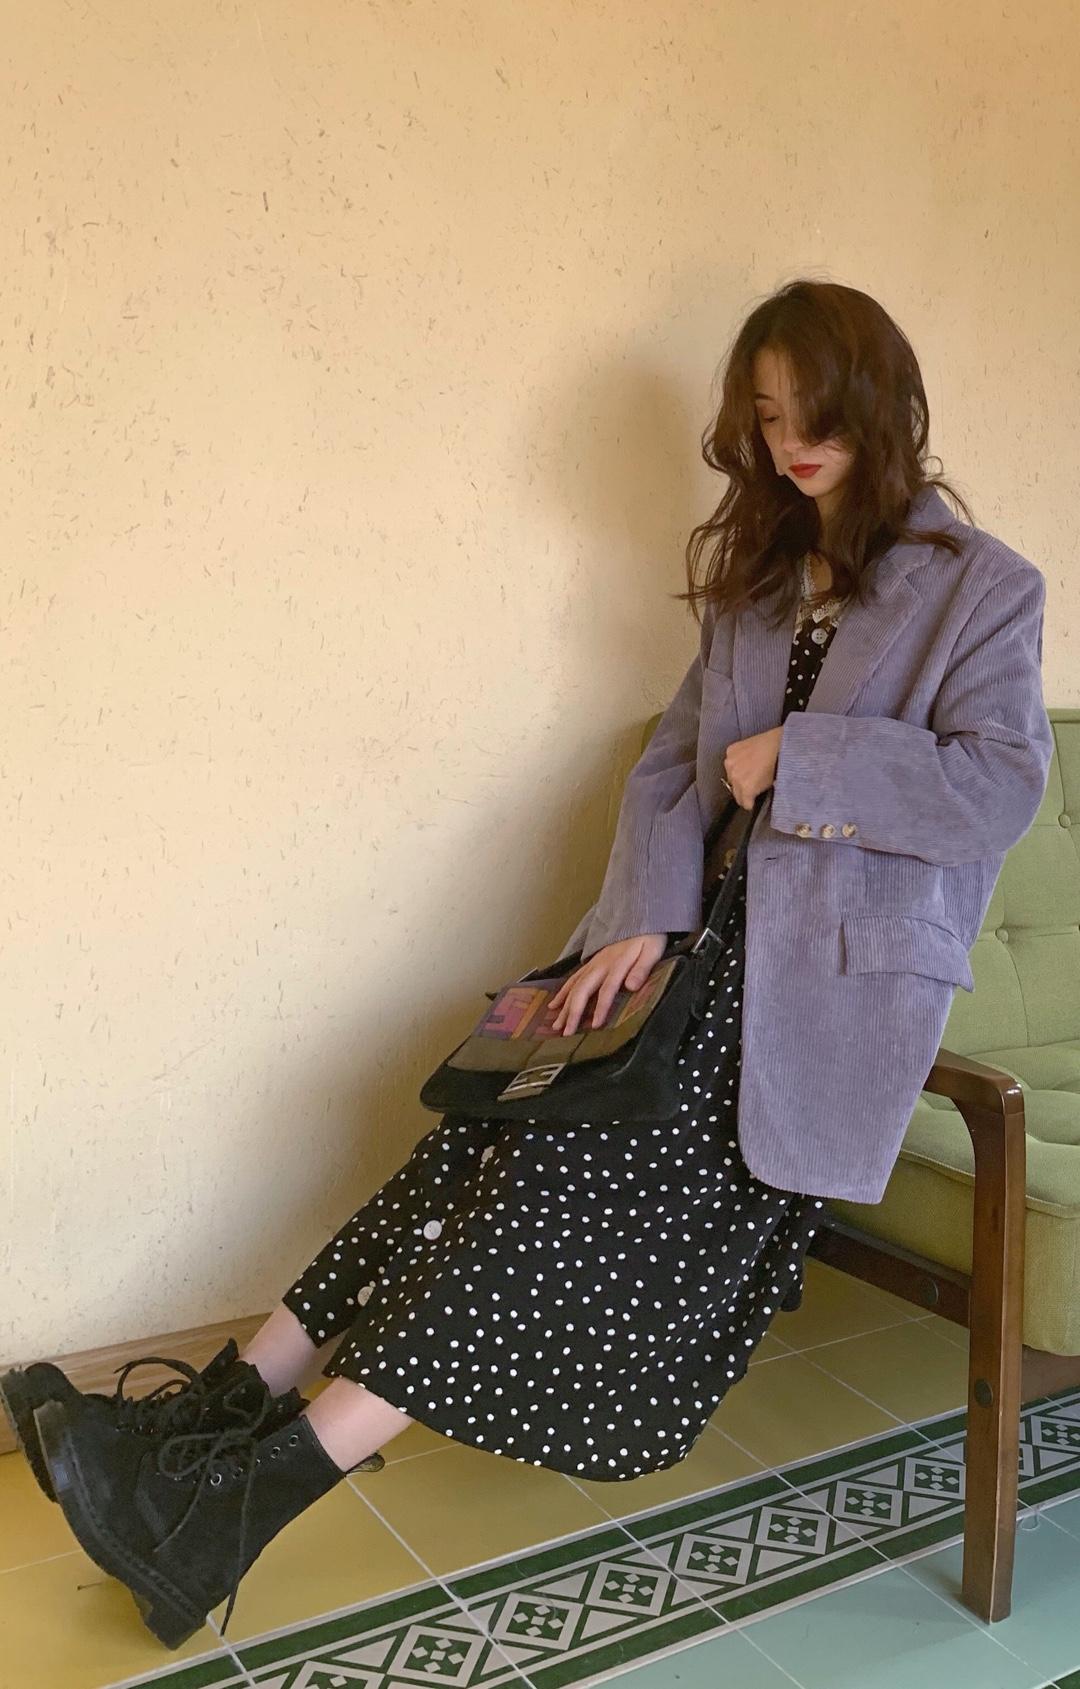 灯芯绒外套!!有两个颜色,蓝色的外套真的太复古了,复古风100%里面搭配毛衣卫衣什么的也完全不显胖,又英气又有范。紫色的实在太温柔啦!里面可以搭配深色连衣裙,这样也不用担心入秋穿连衣裙温度的问题。外套我穿的是L码,我真的超爱over size的衣服,价位在200➕#最全小西装搭配攻略#